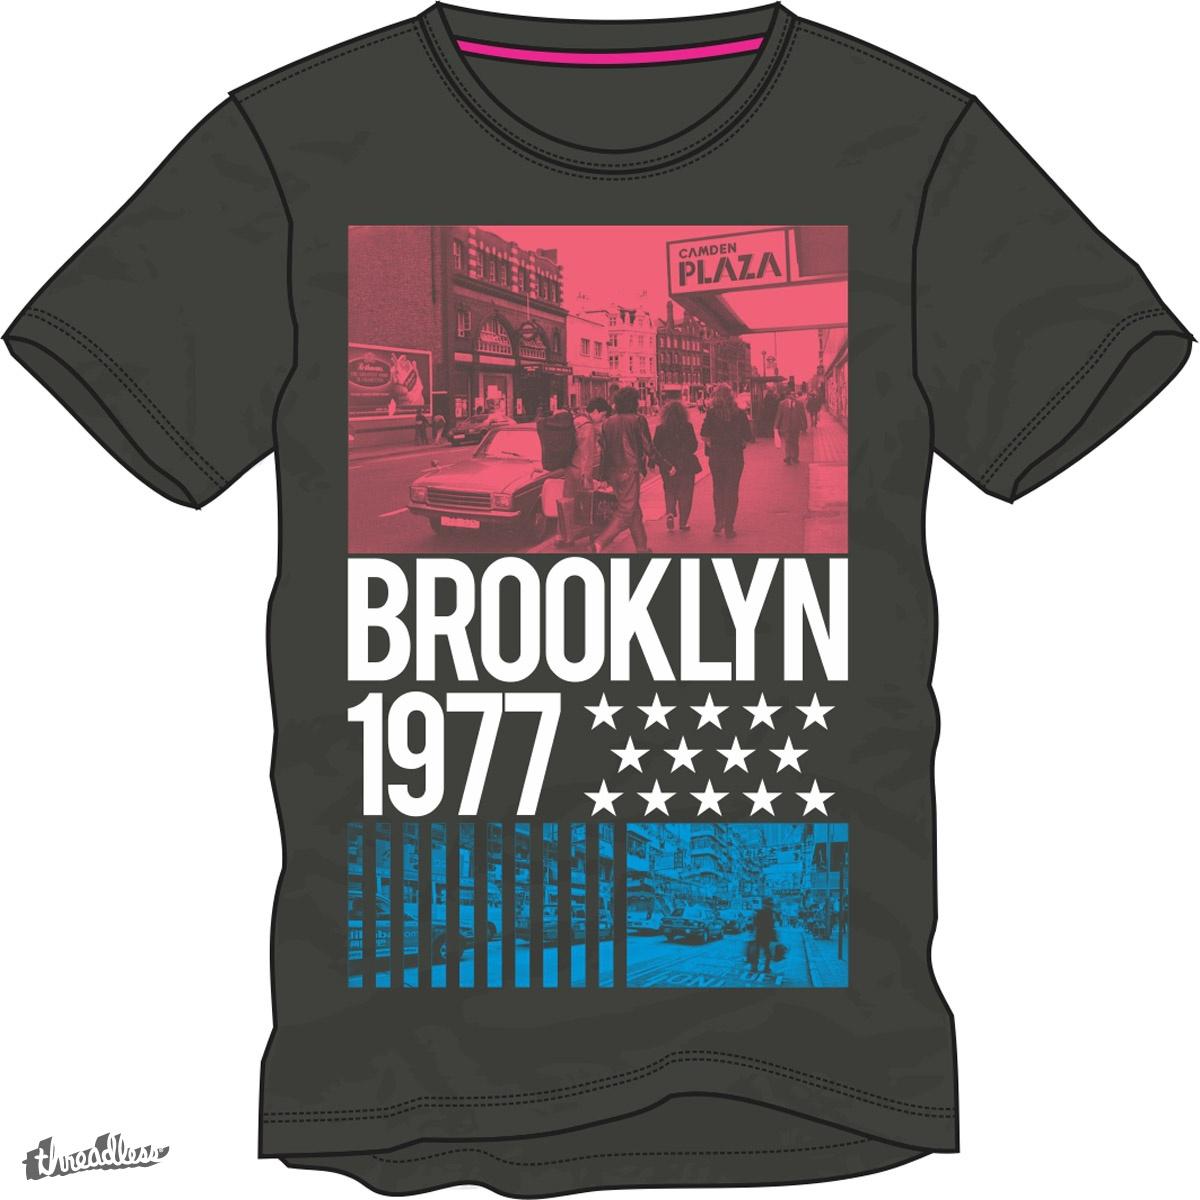 july 2013 artee shirt part 3